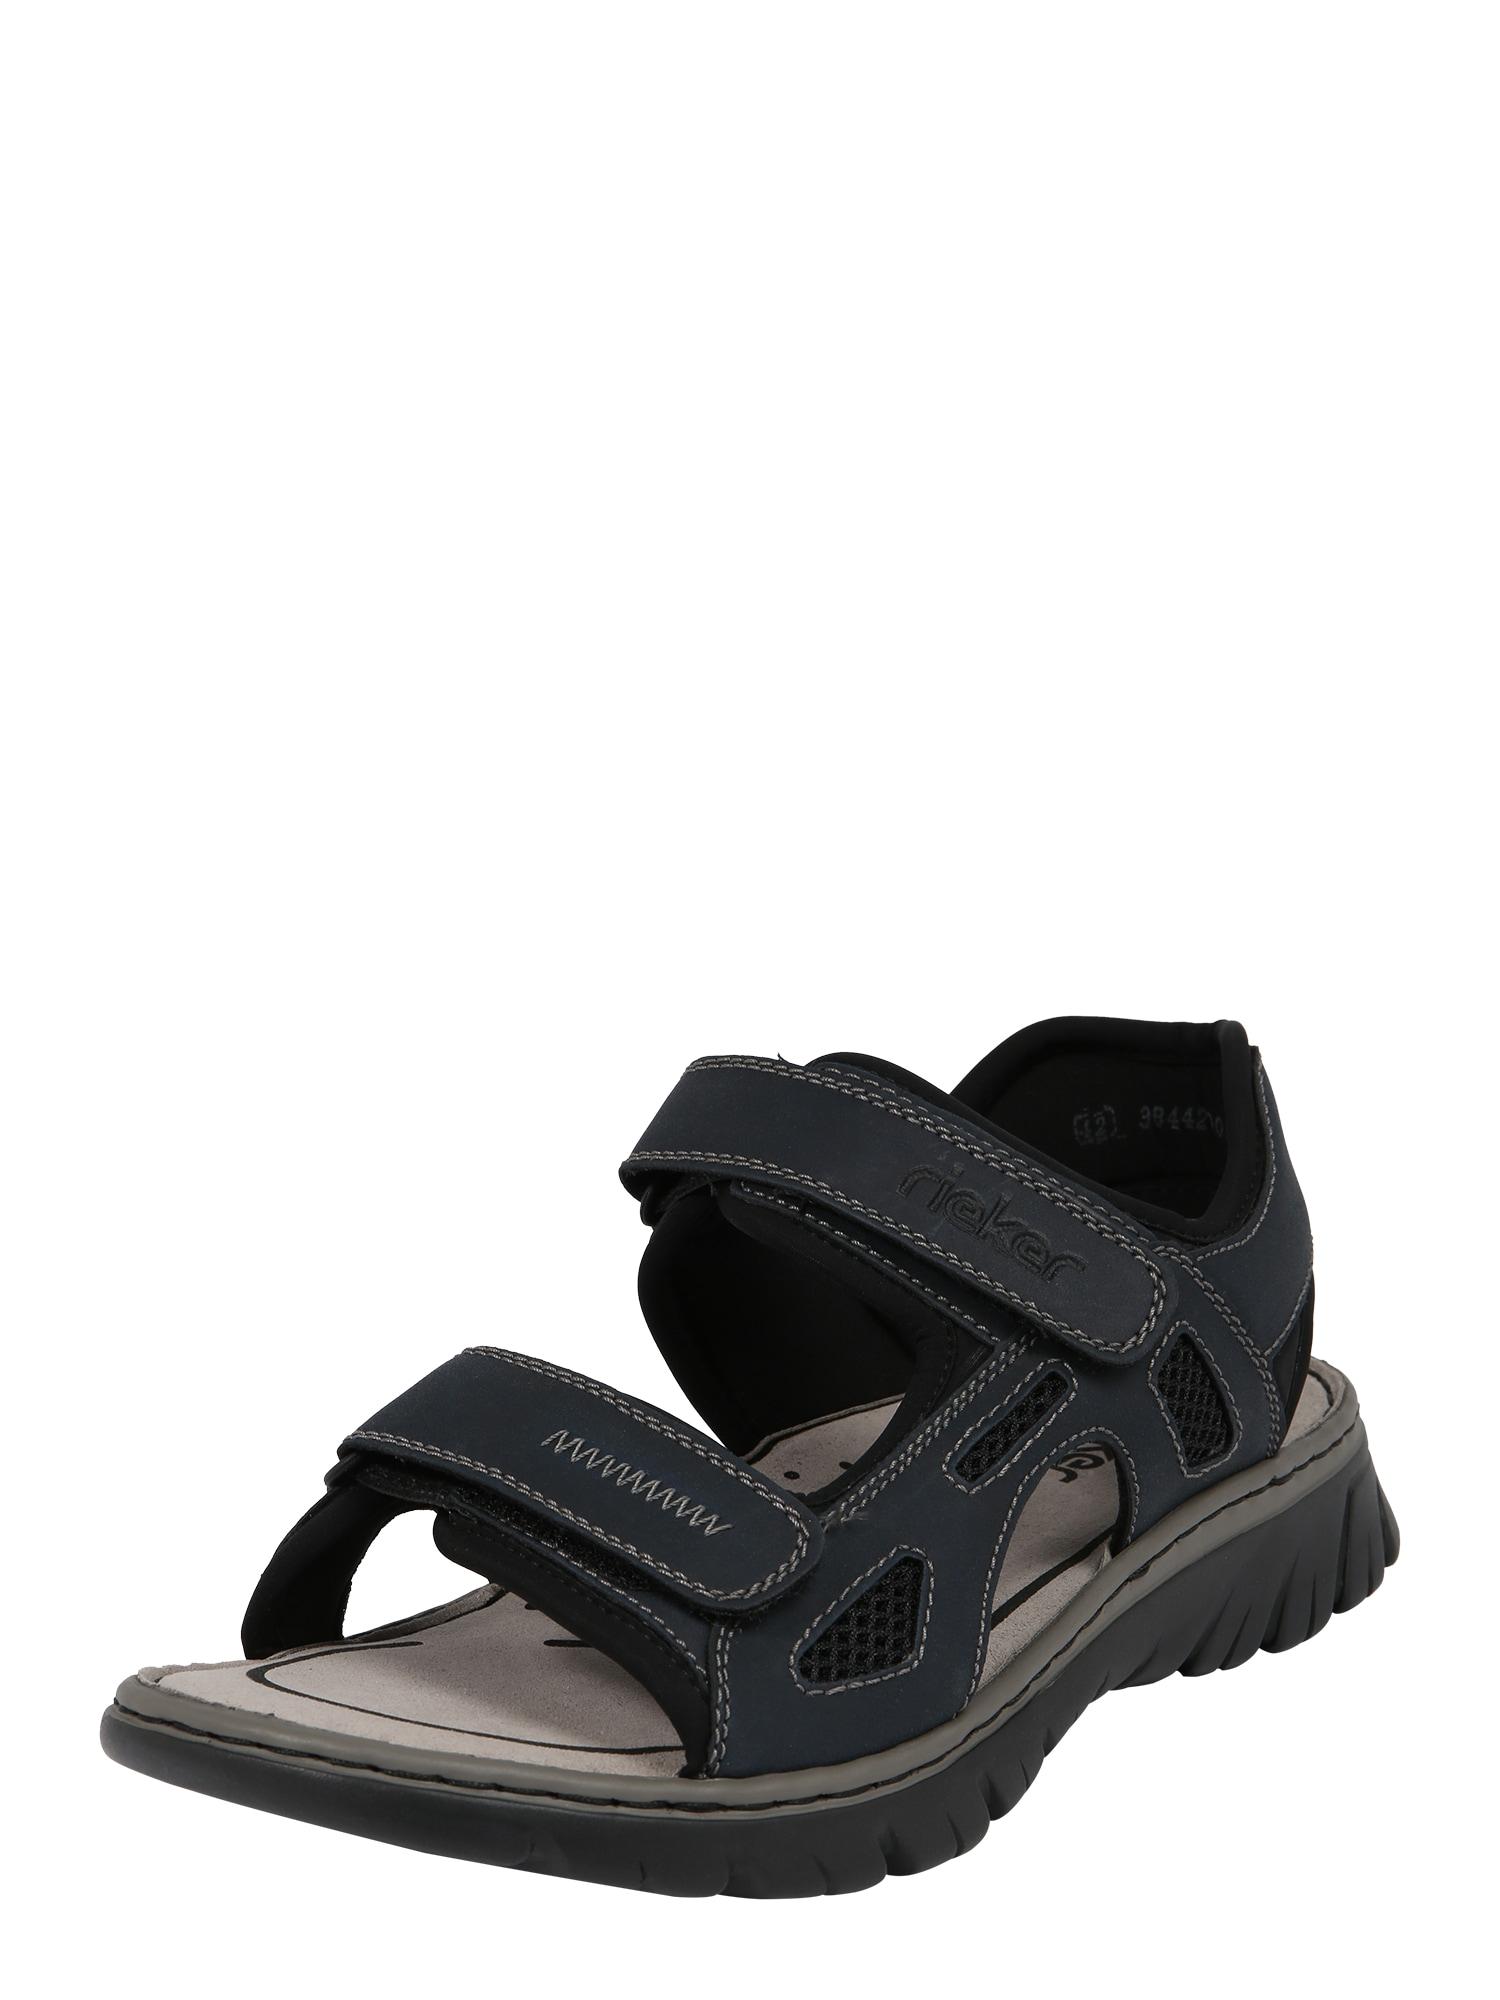 Trekingové sandály 26761-14 námořnická modř černá RIEKER